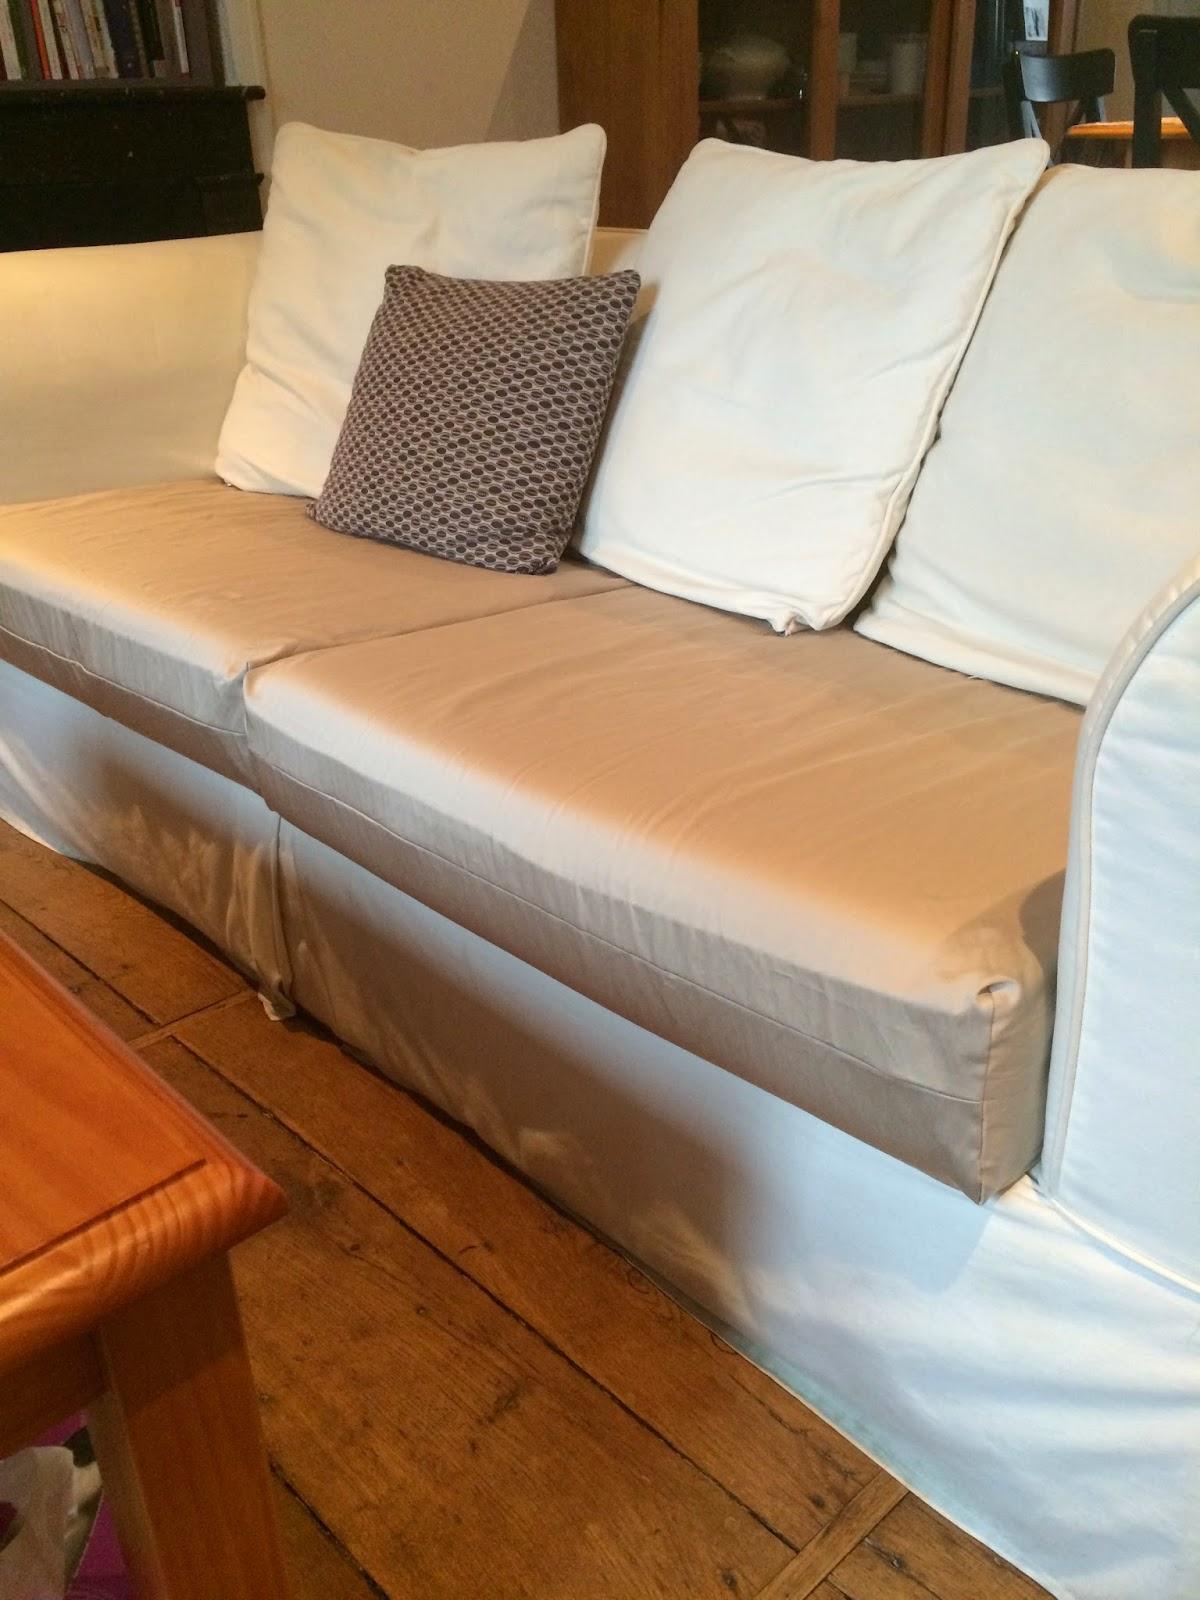 in the mood for joy tuto couture refaire les housses de coussins du canap. Black Bedroom Furniture Sets. Home Design Ideas